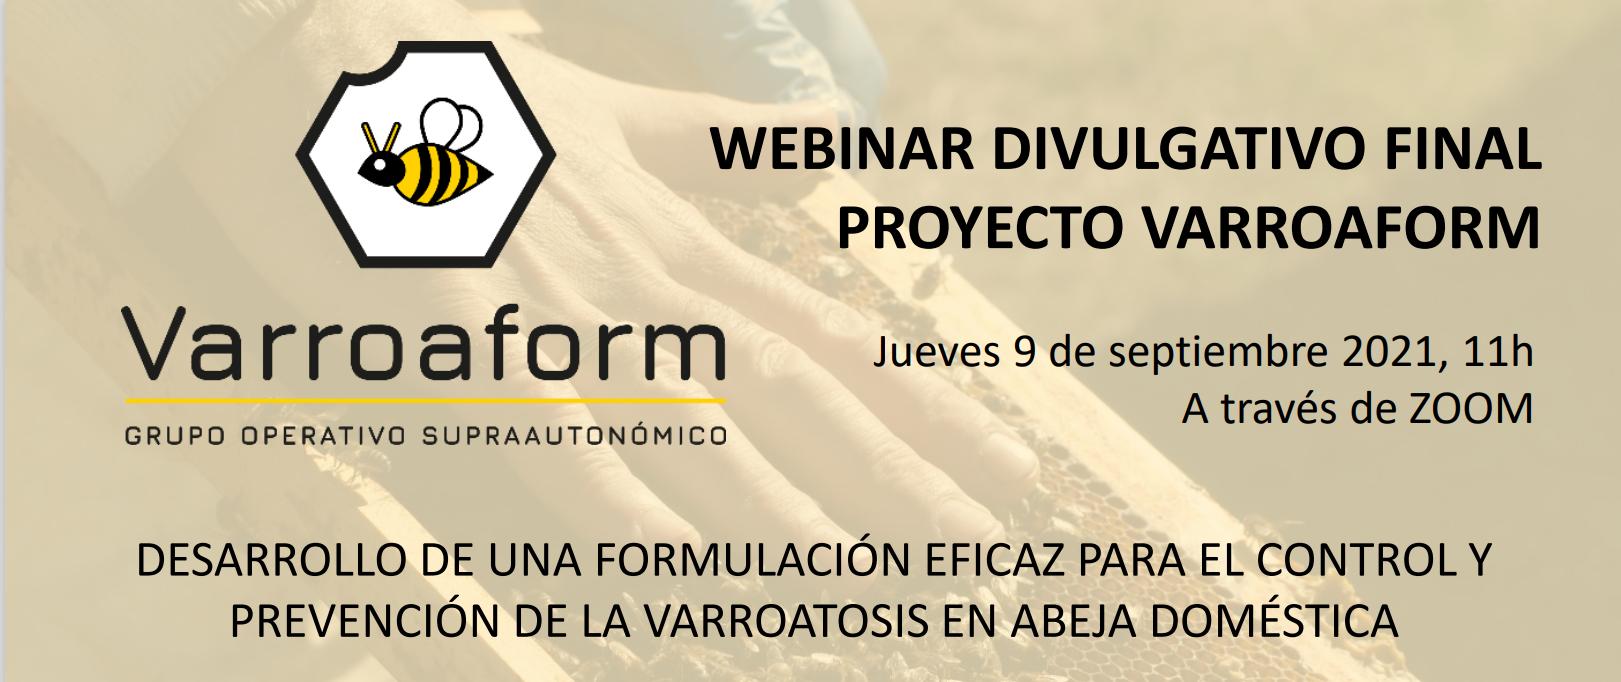 20210911 cartel webinar varroaform